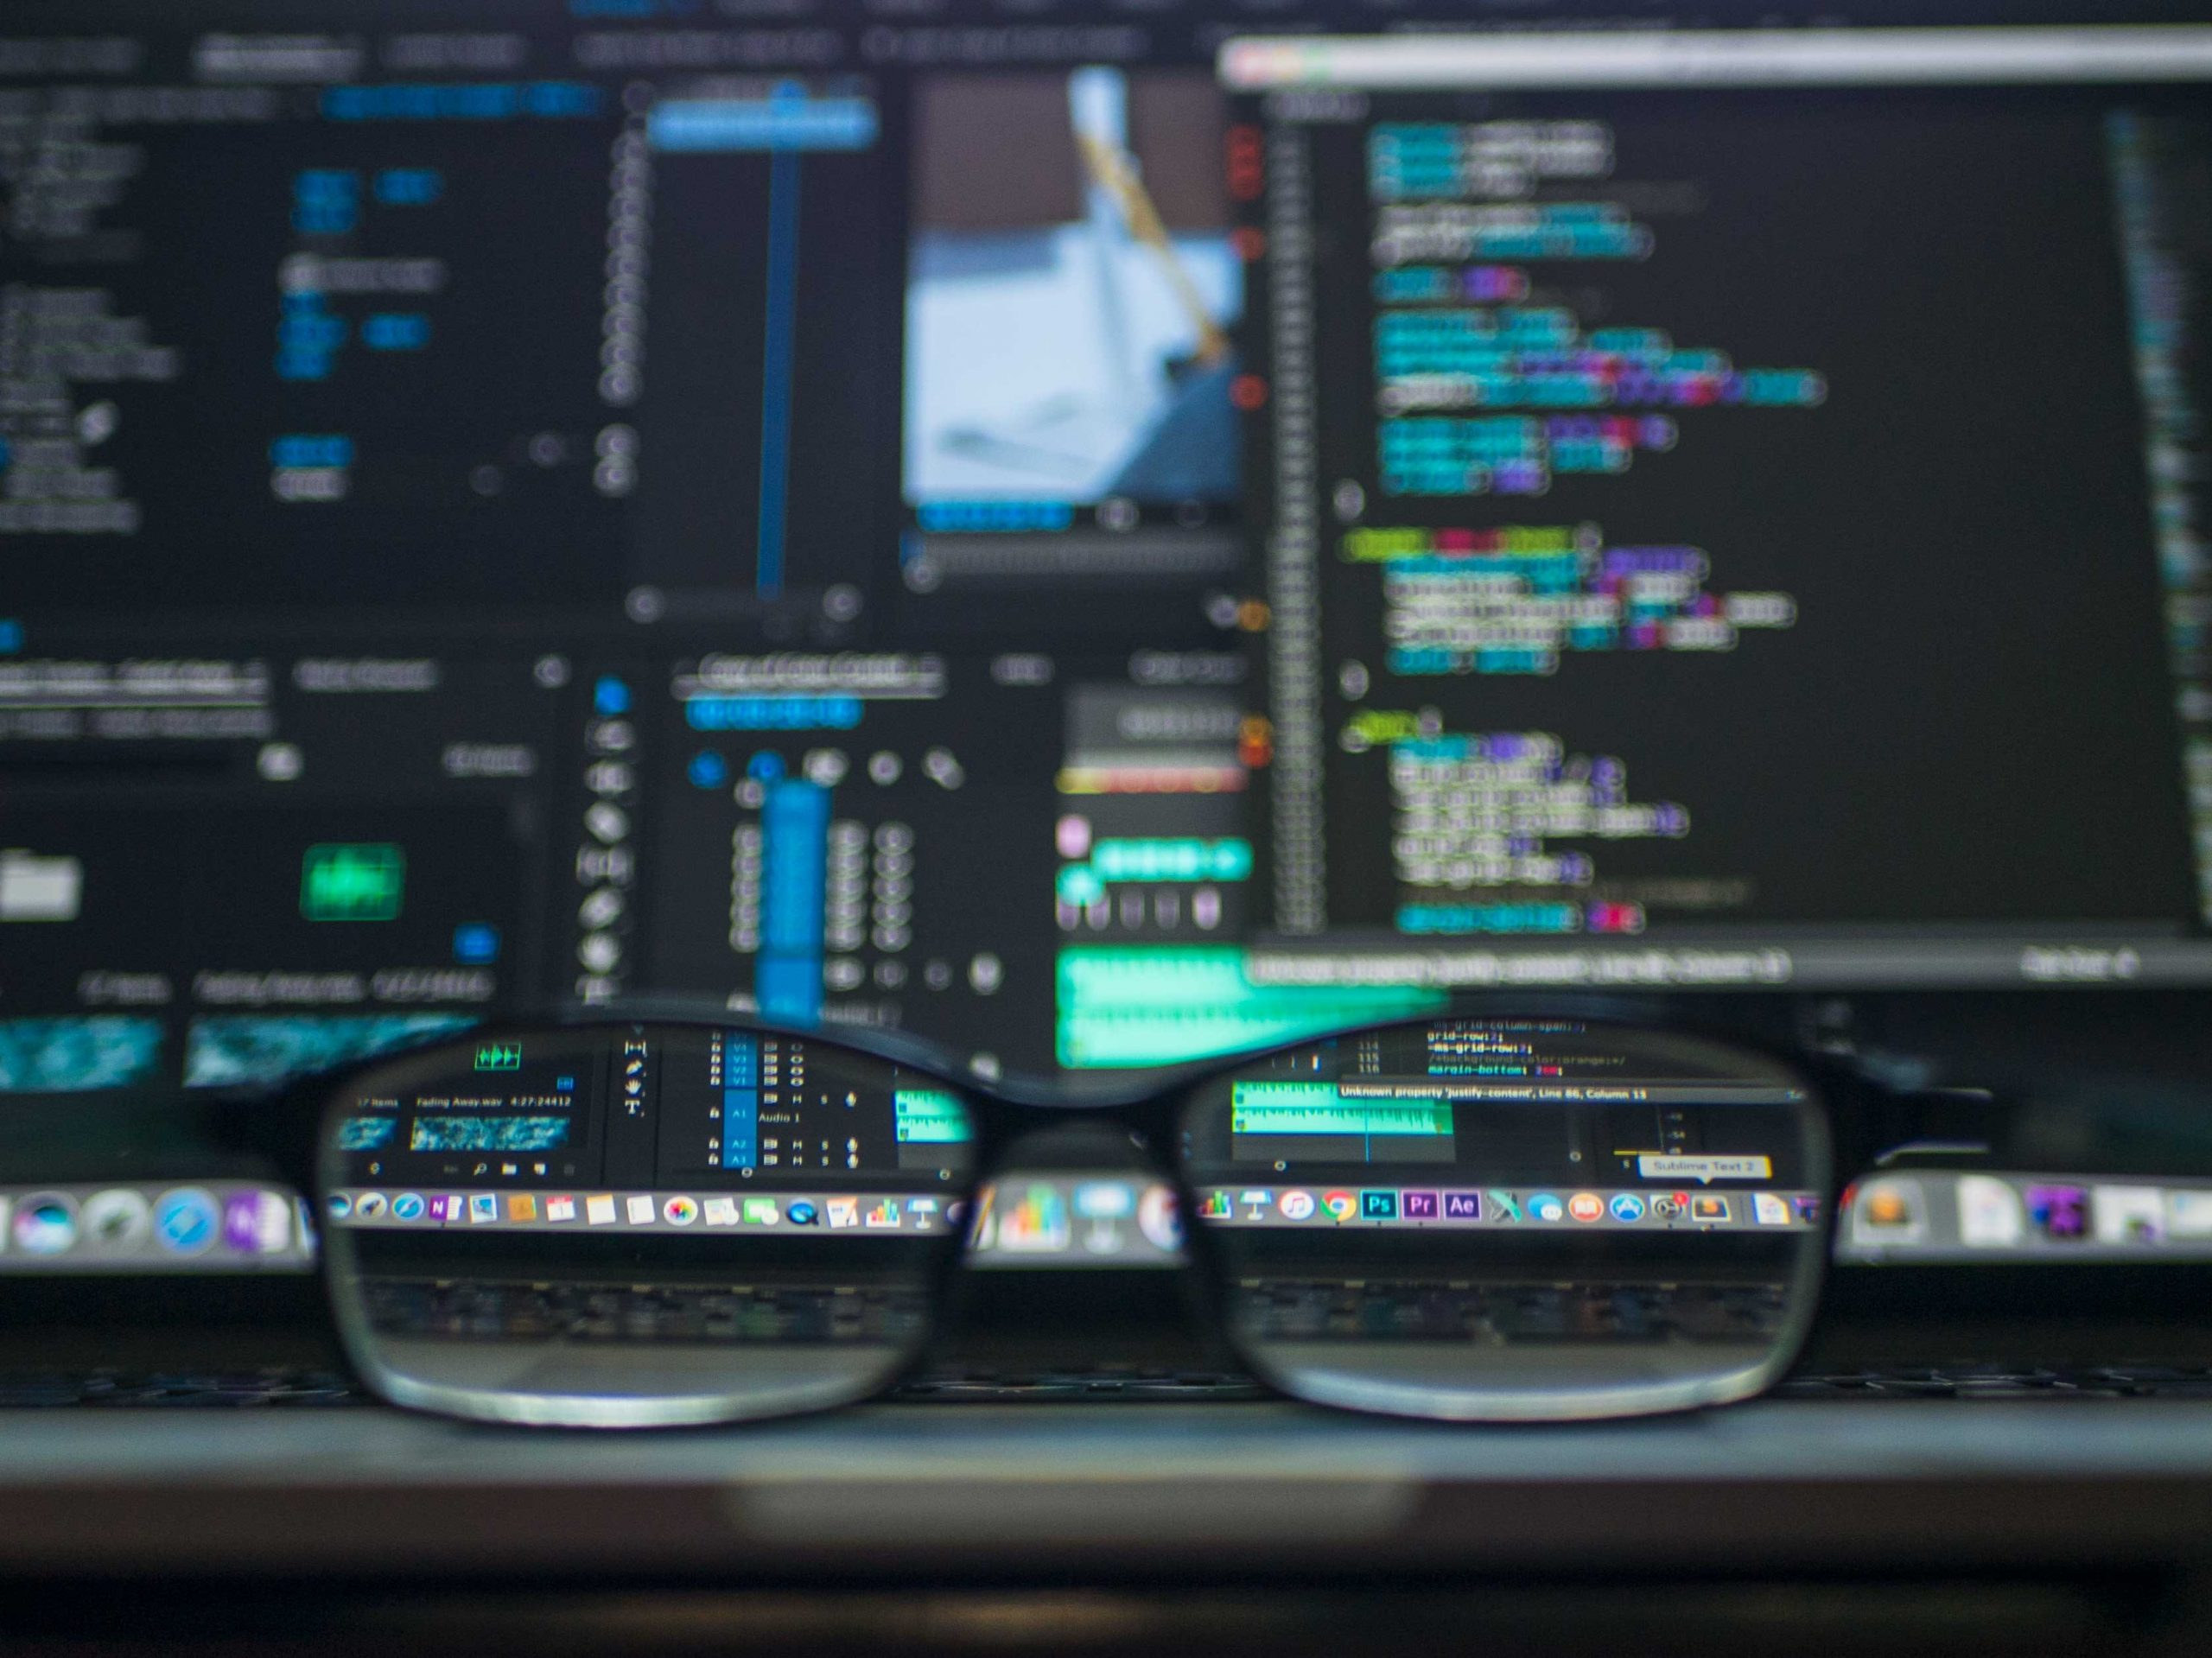 Ataques de ransomware aumentaram cerca de 265% nos últimos 12 meses em Portugal